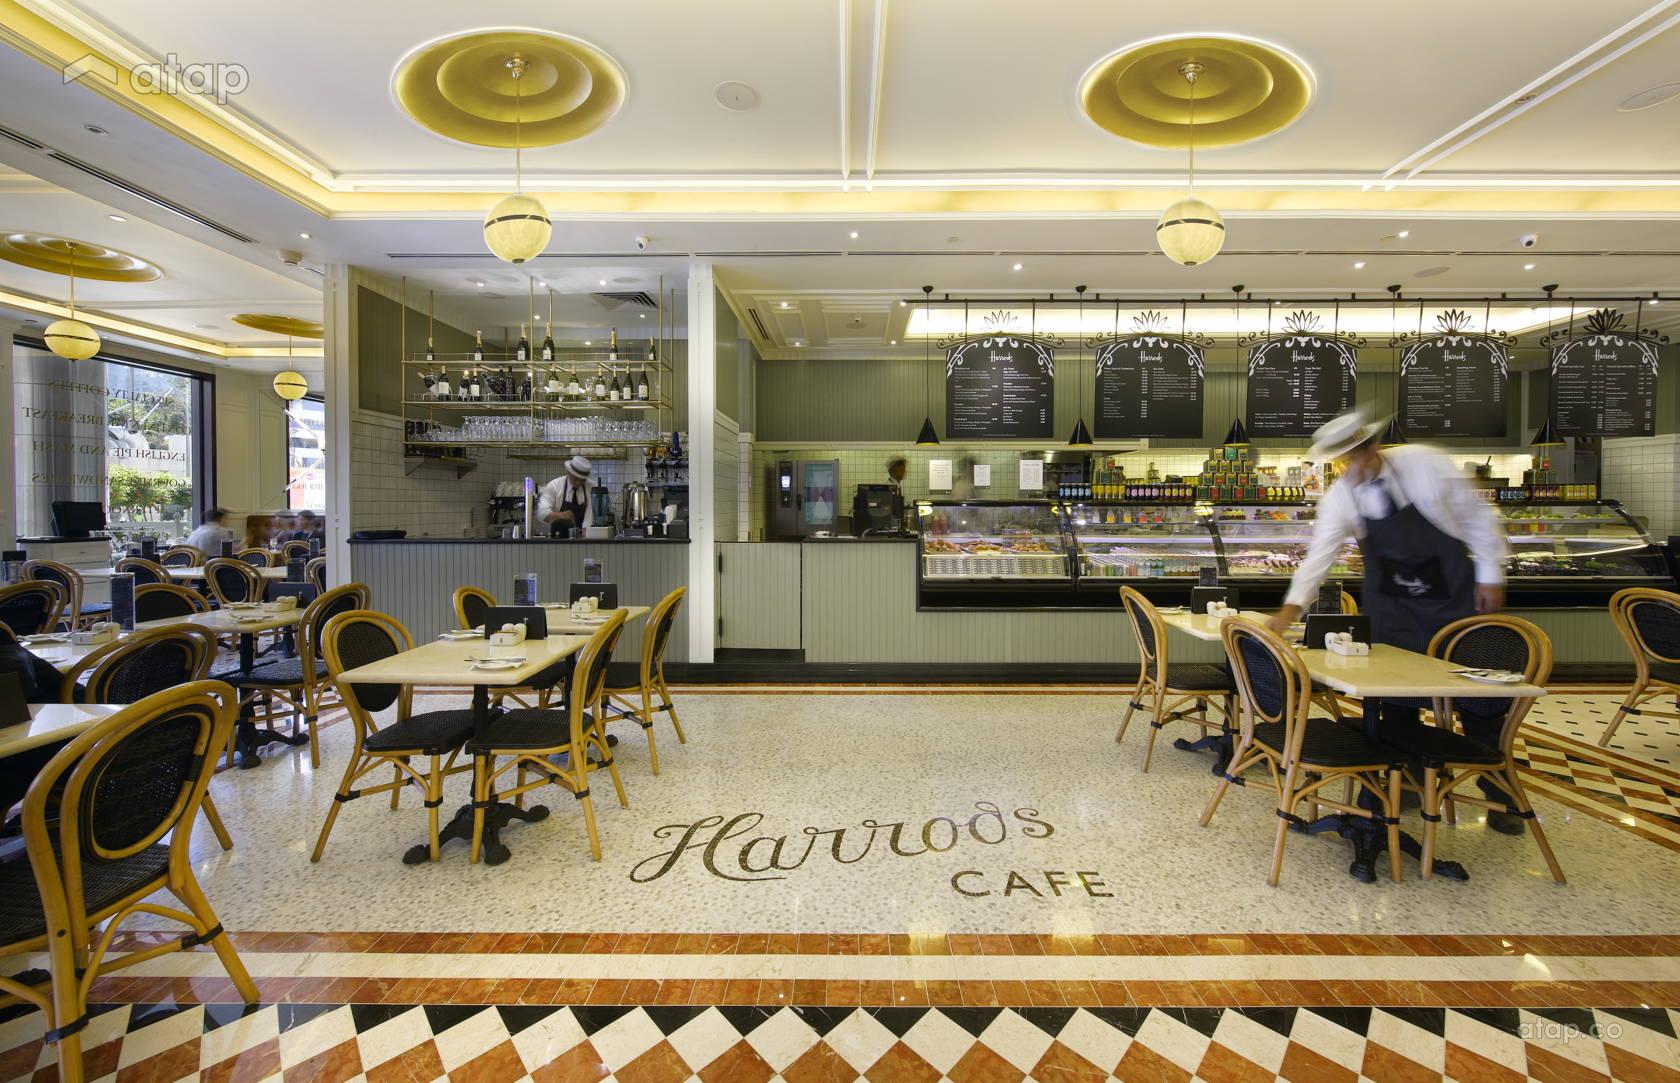 Harrods Cafe @ KLCC interior design renovation ideas, photos and ...